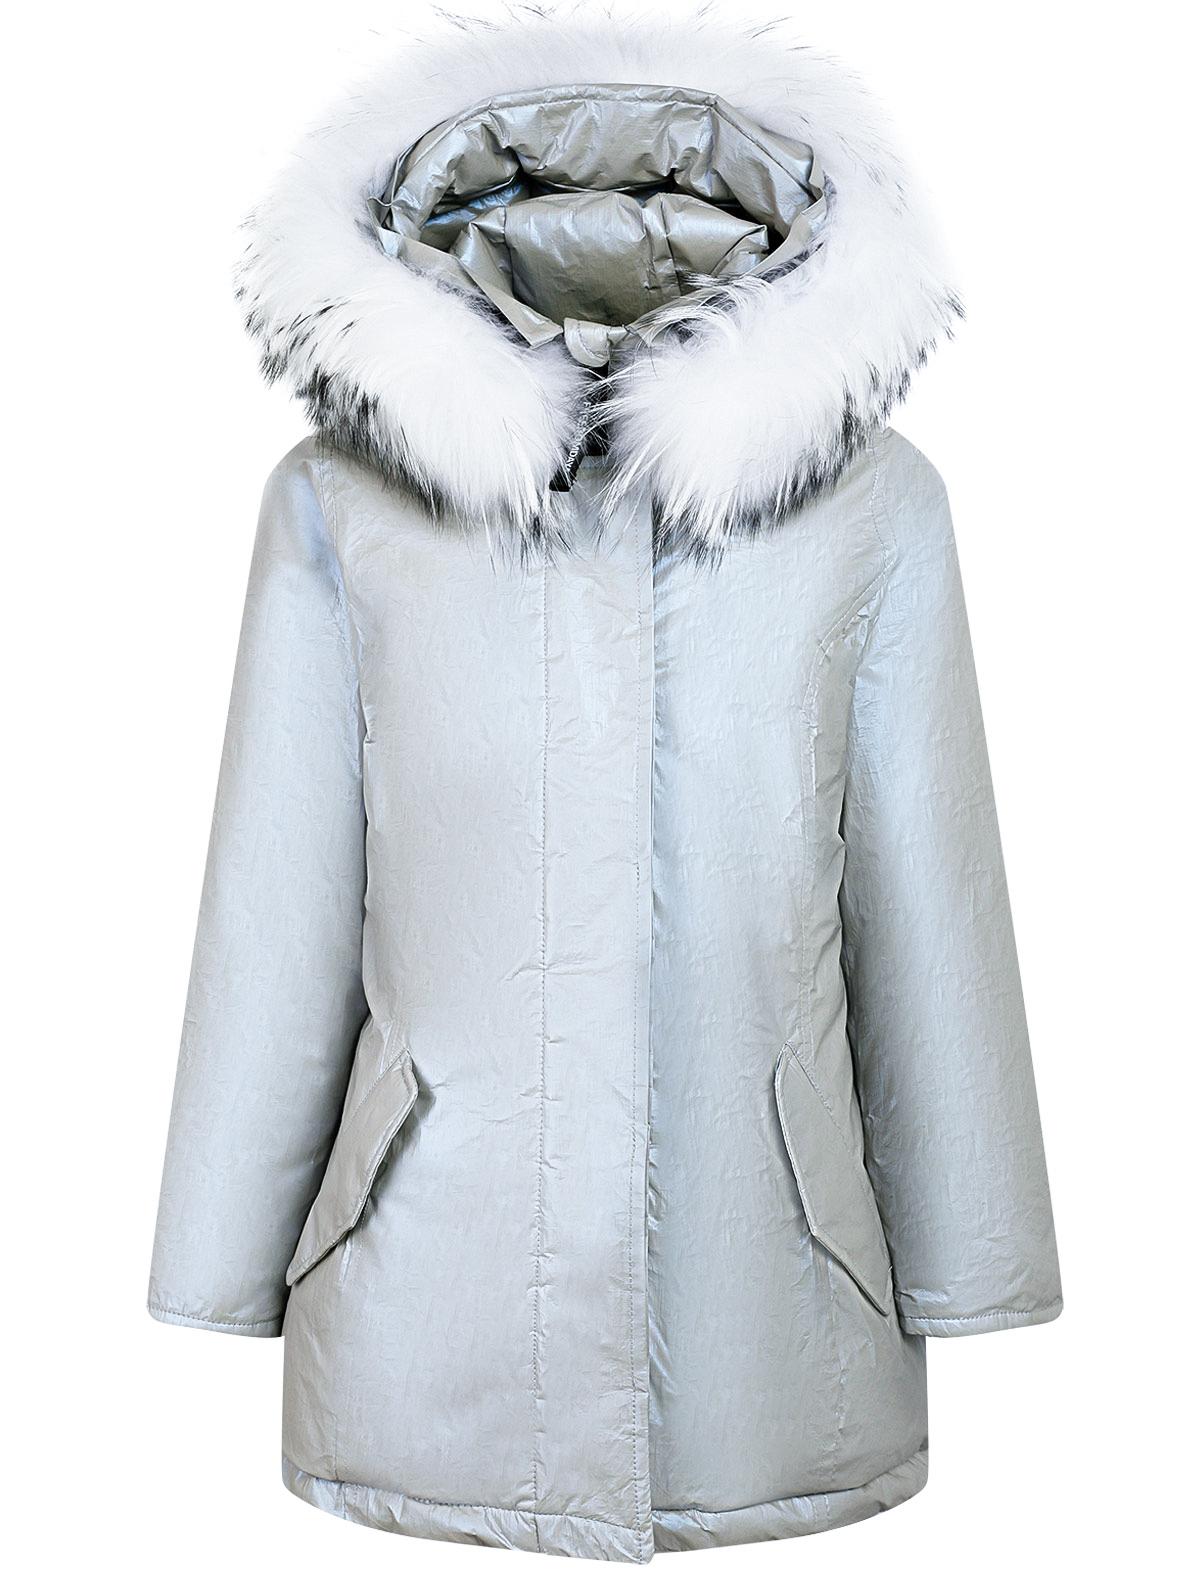 Купить 2243294, Куртка FREEDOMDAY, серый, Женский, 1074509082774